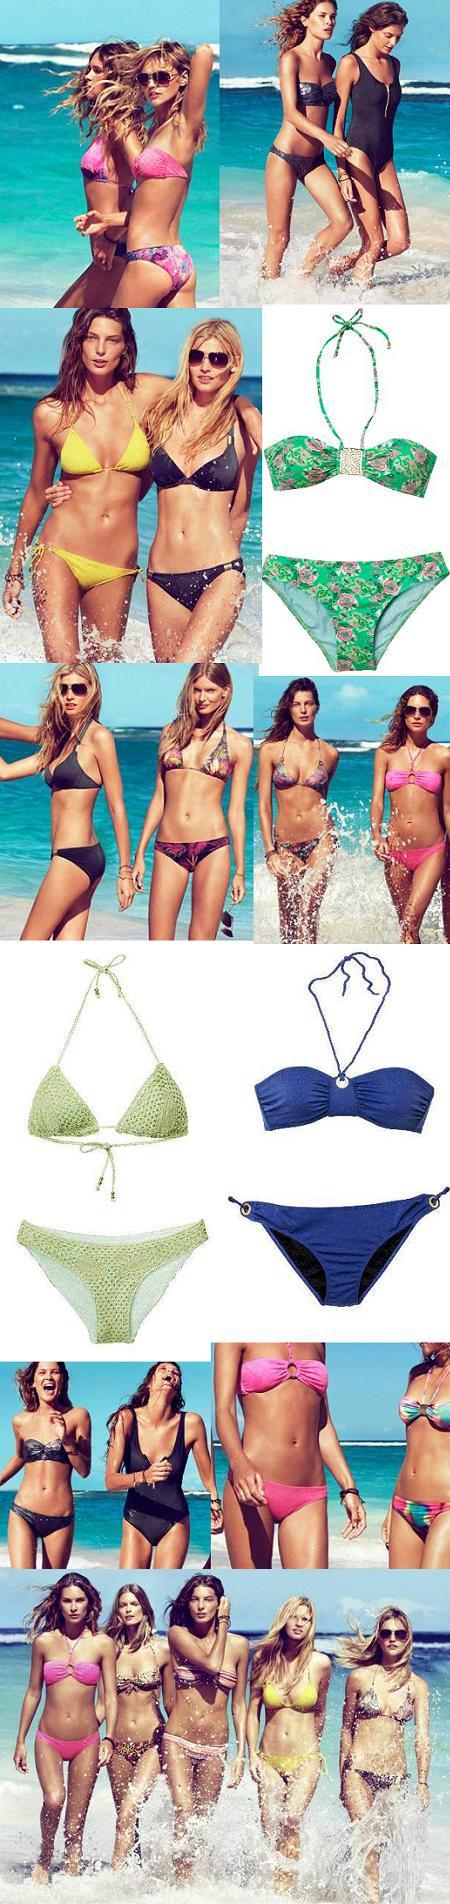 Bikinis verano 2010